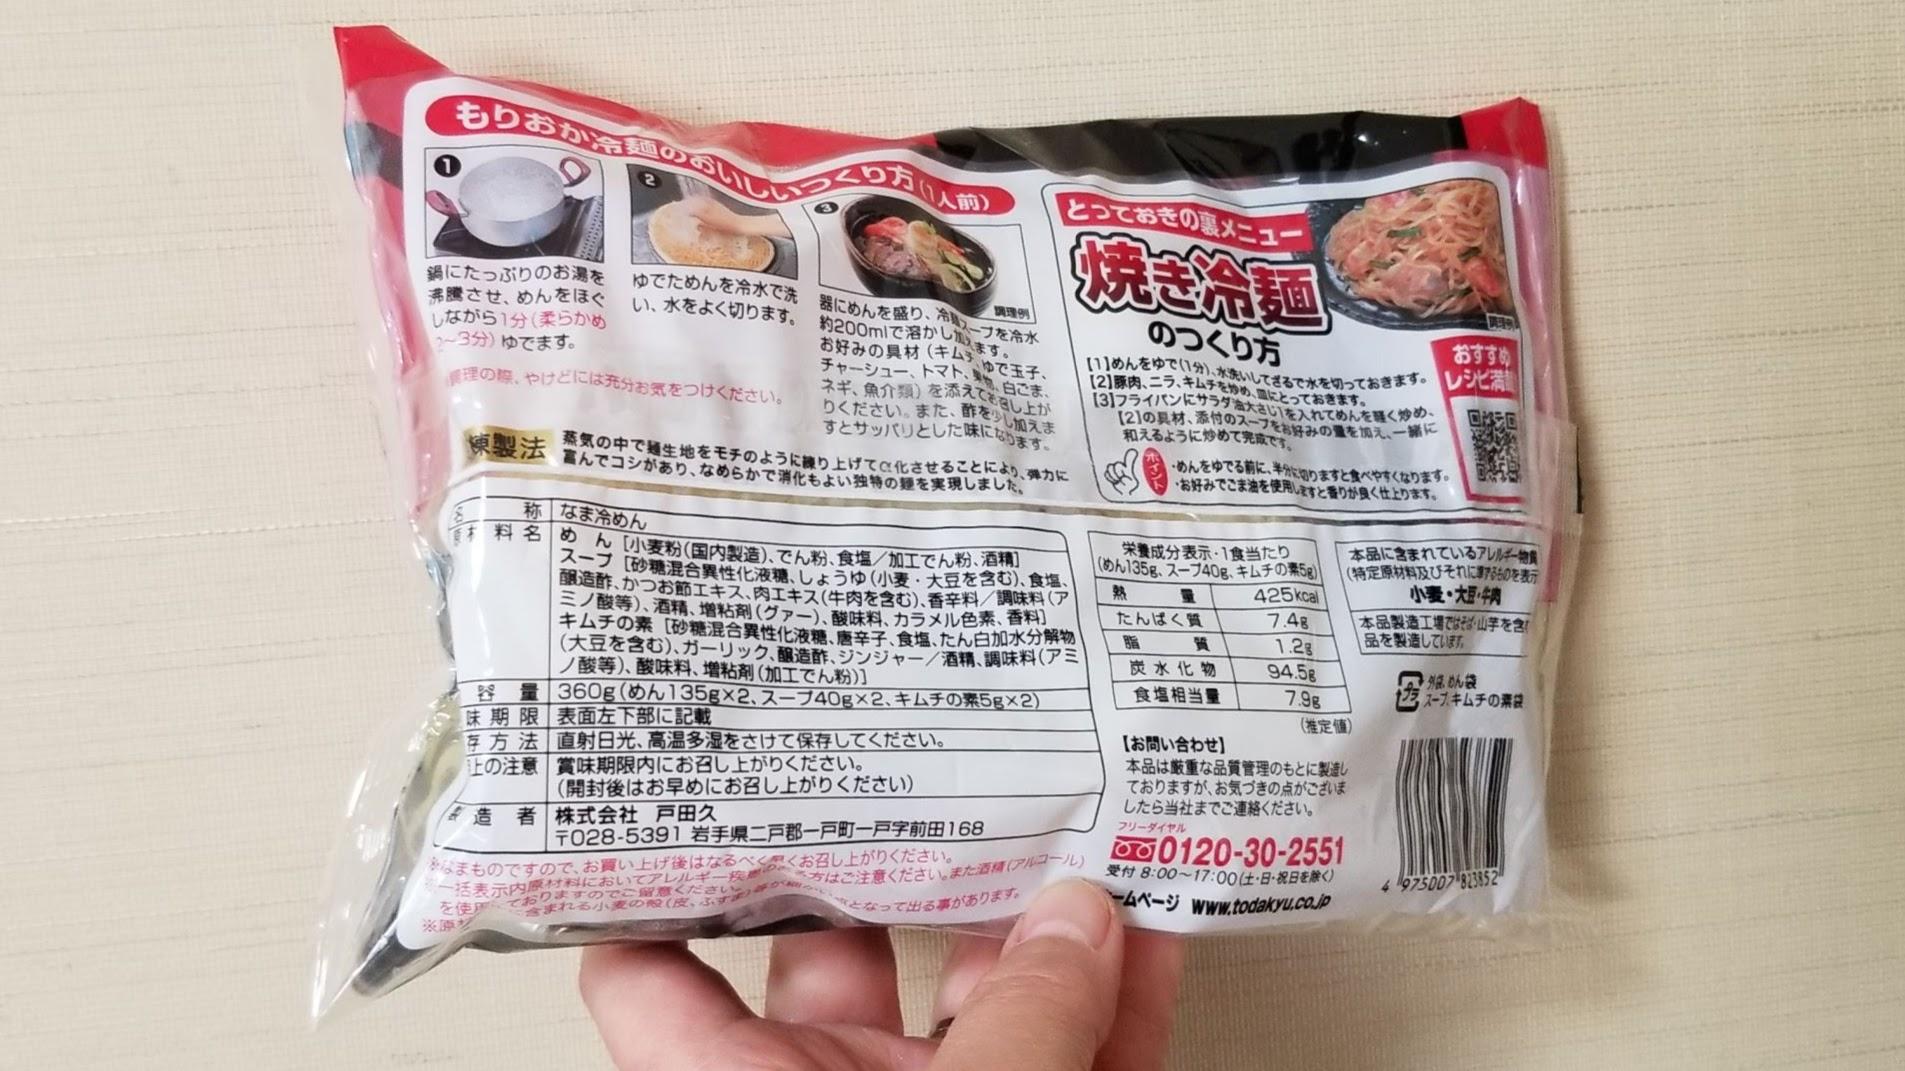 もりおか冷麺(2人前)/戸田久_200429_125211